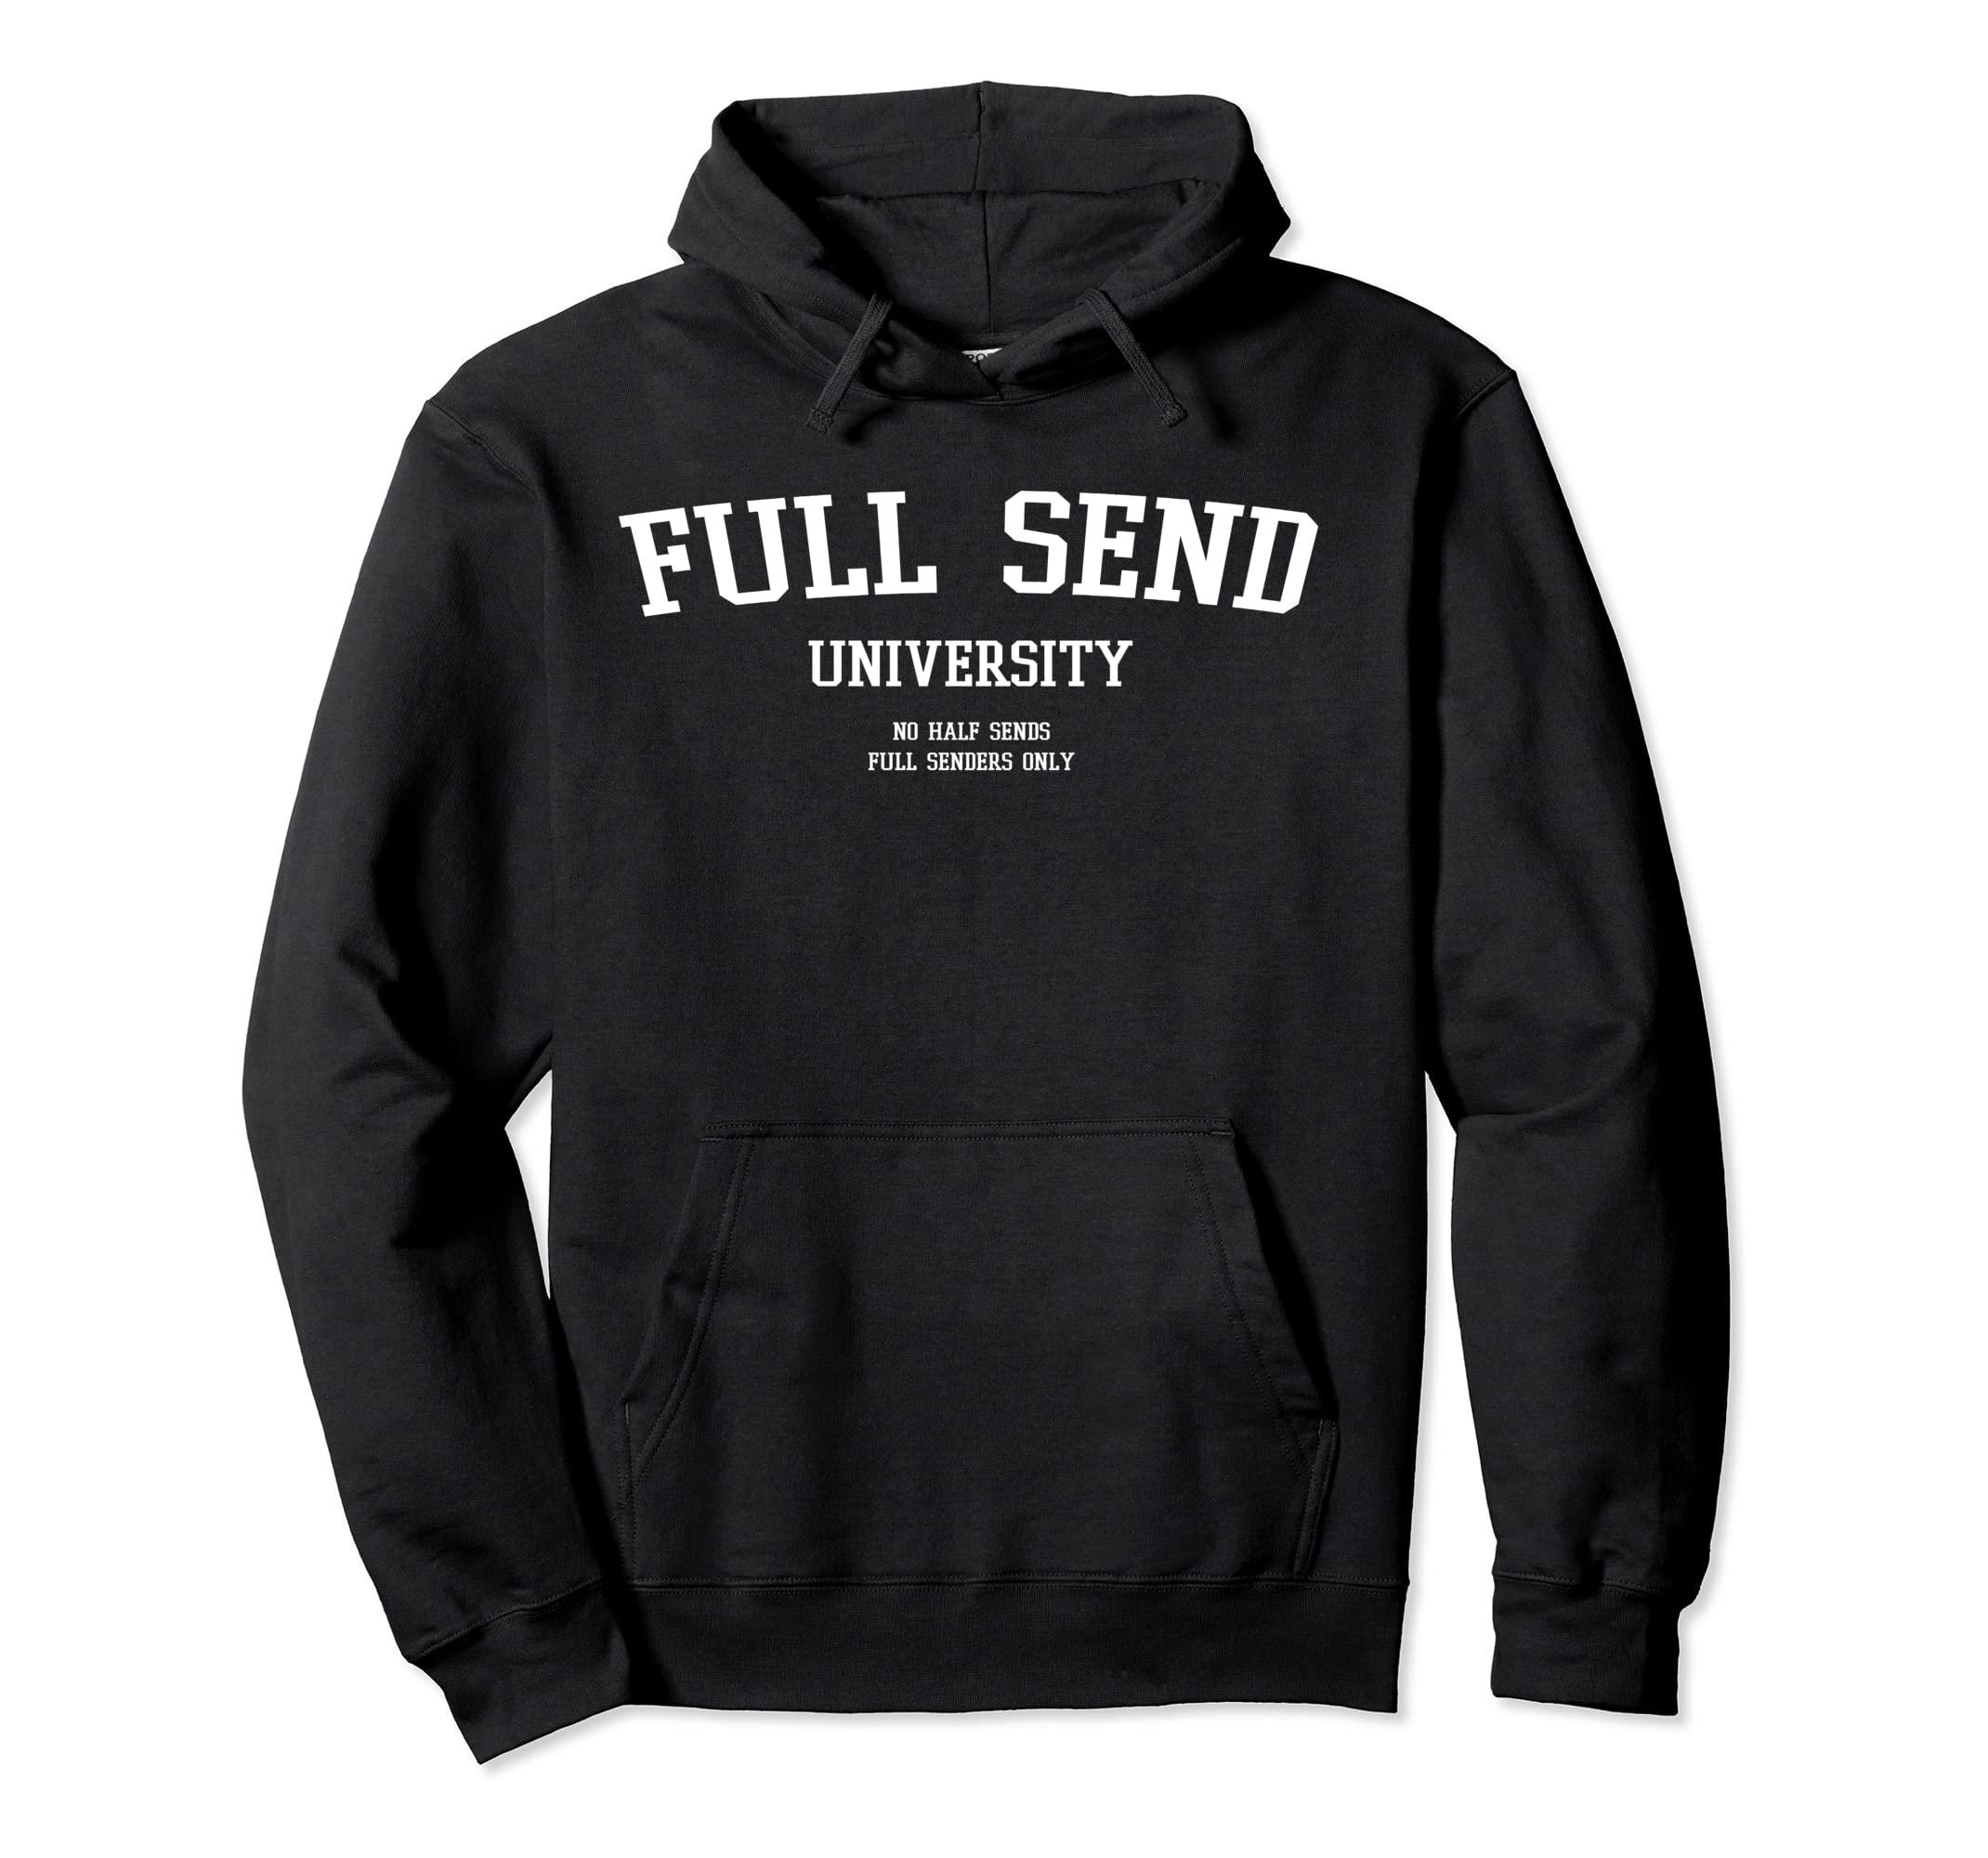 Full Send University Hoodie